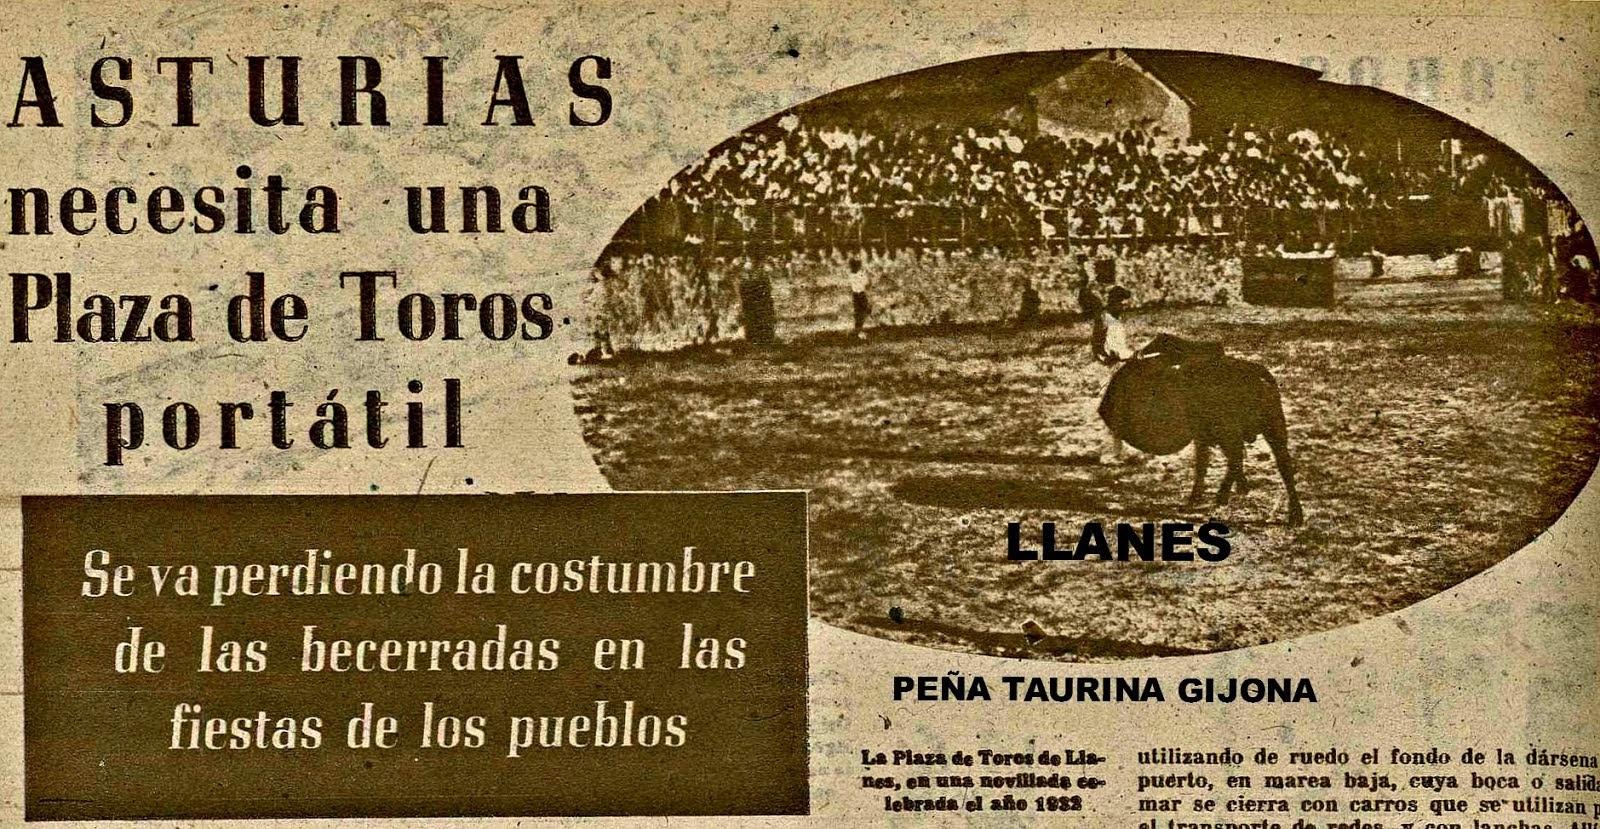 Asturias portatil